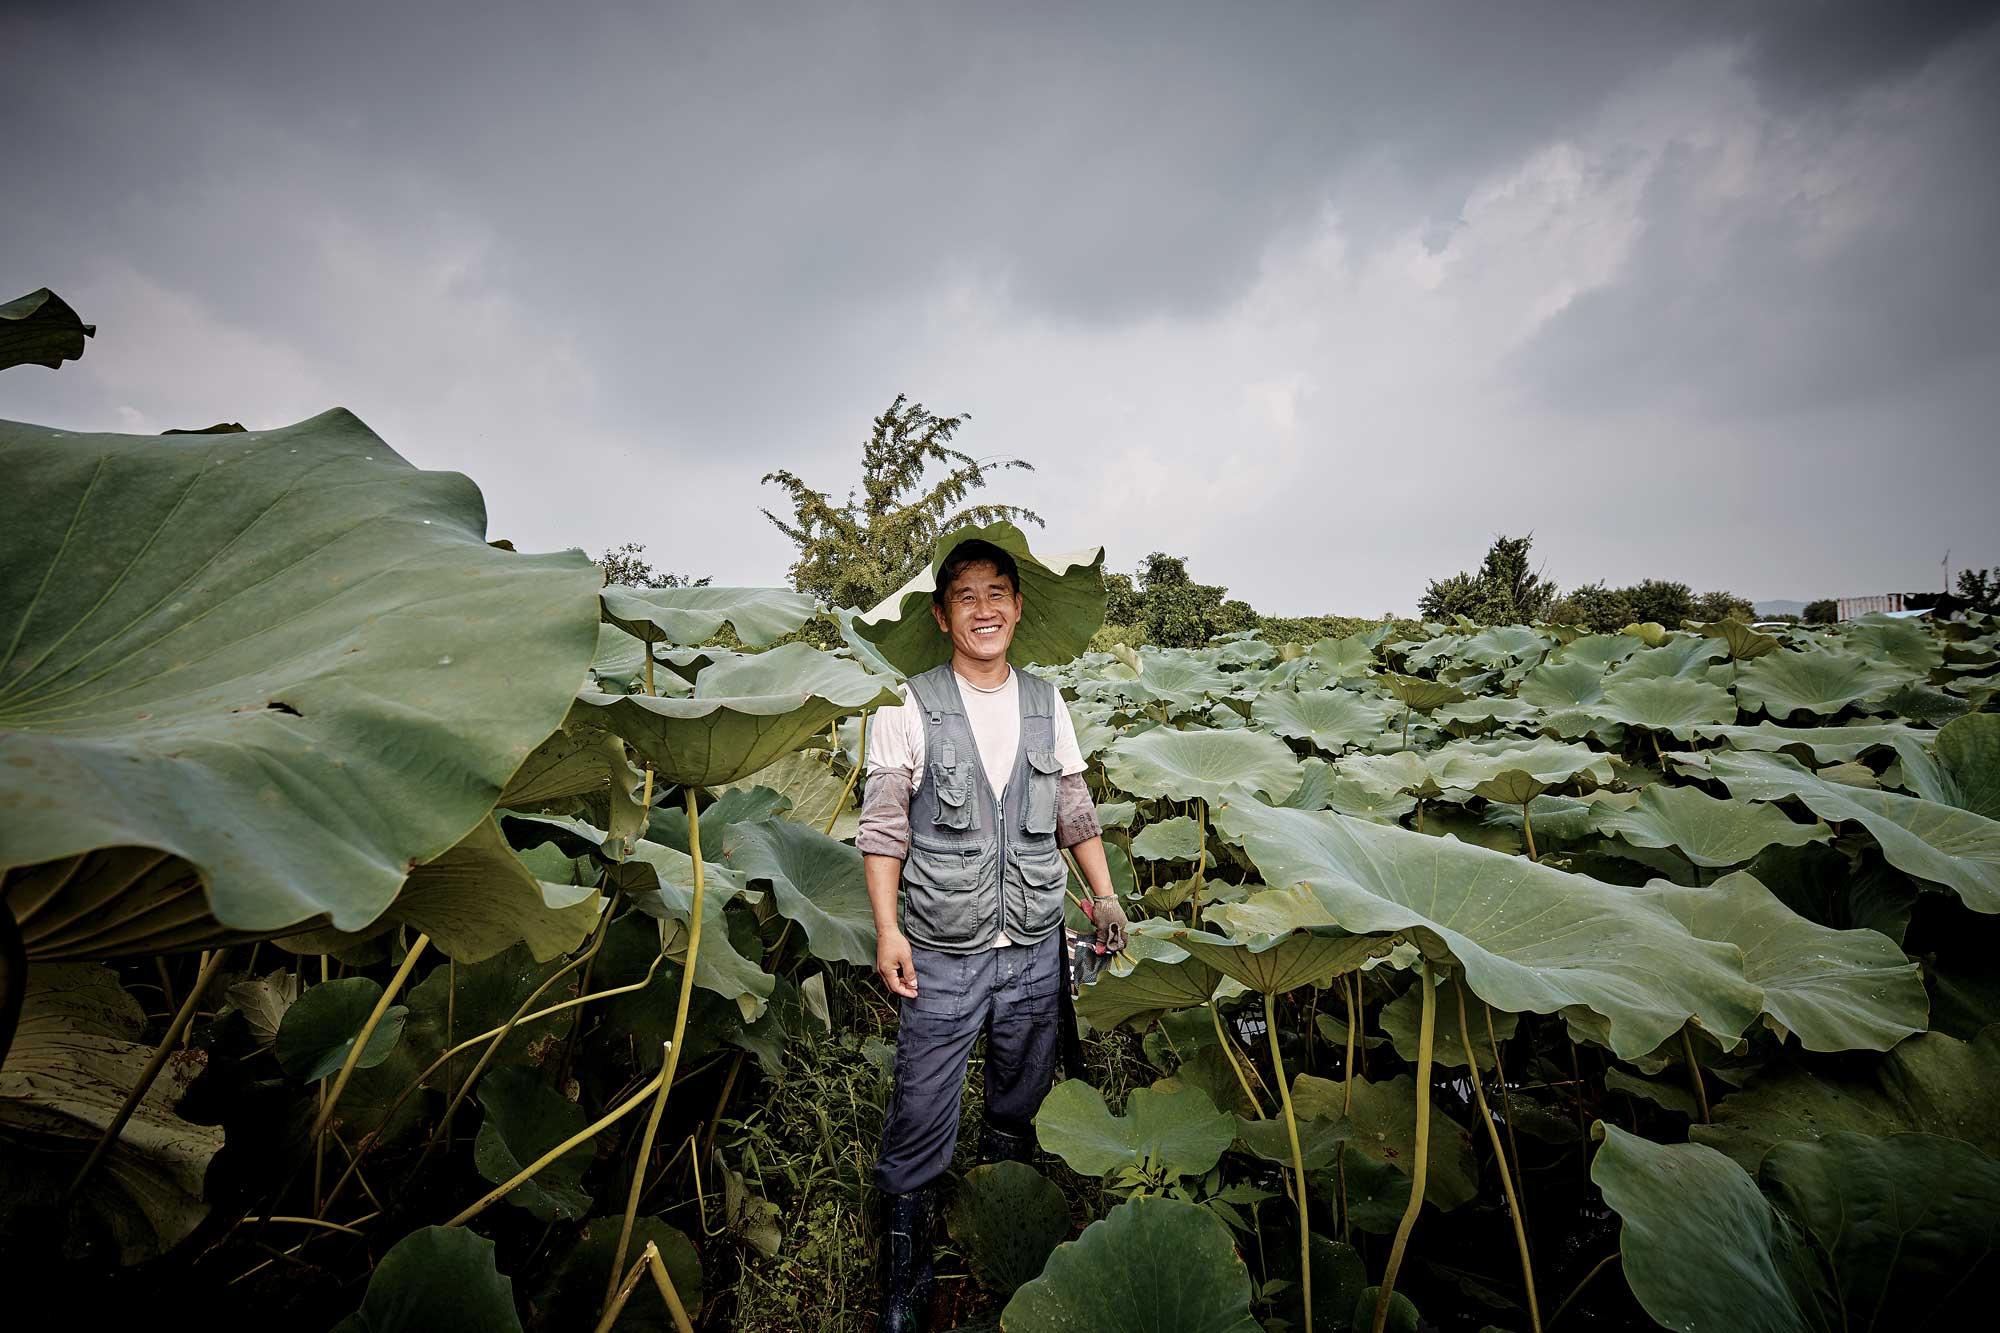 김동우 대표가 걷는 곳이 길이 된다. 제초제를 사용하지 않아 풀로 우거진 연밭 ©양성모